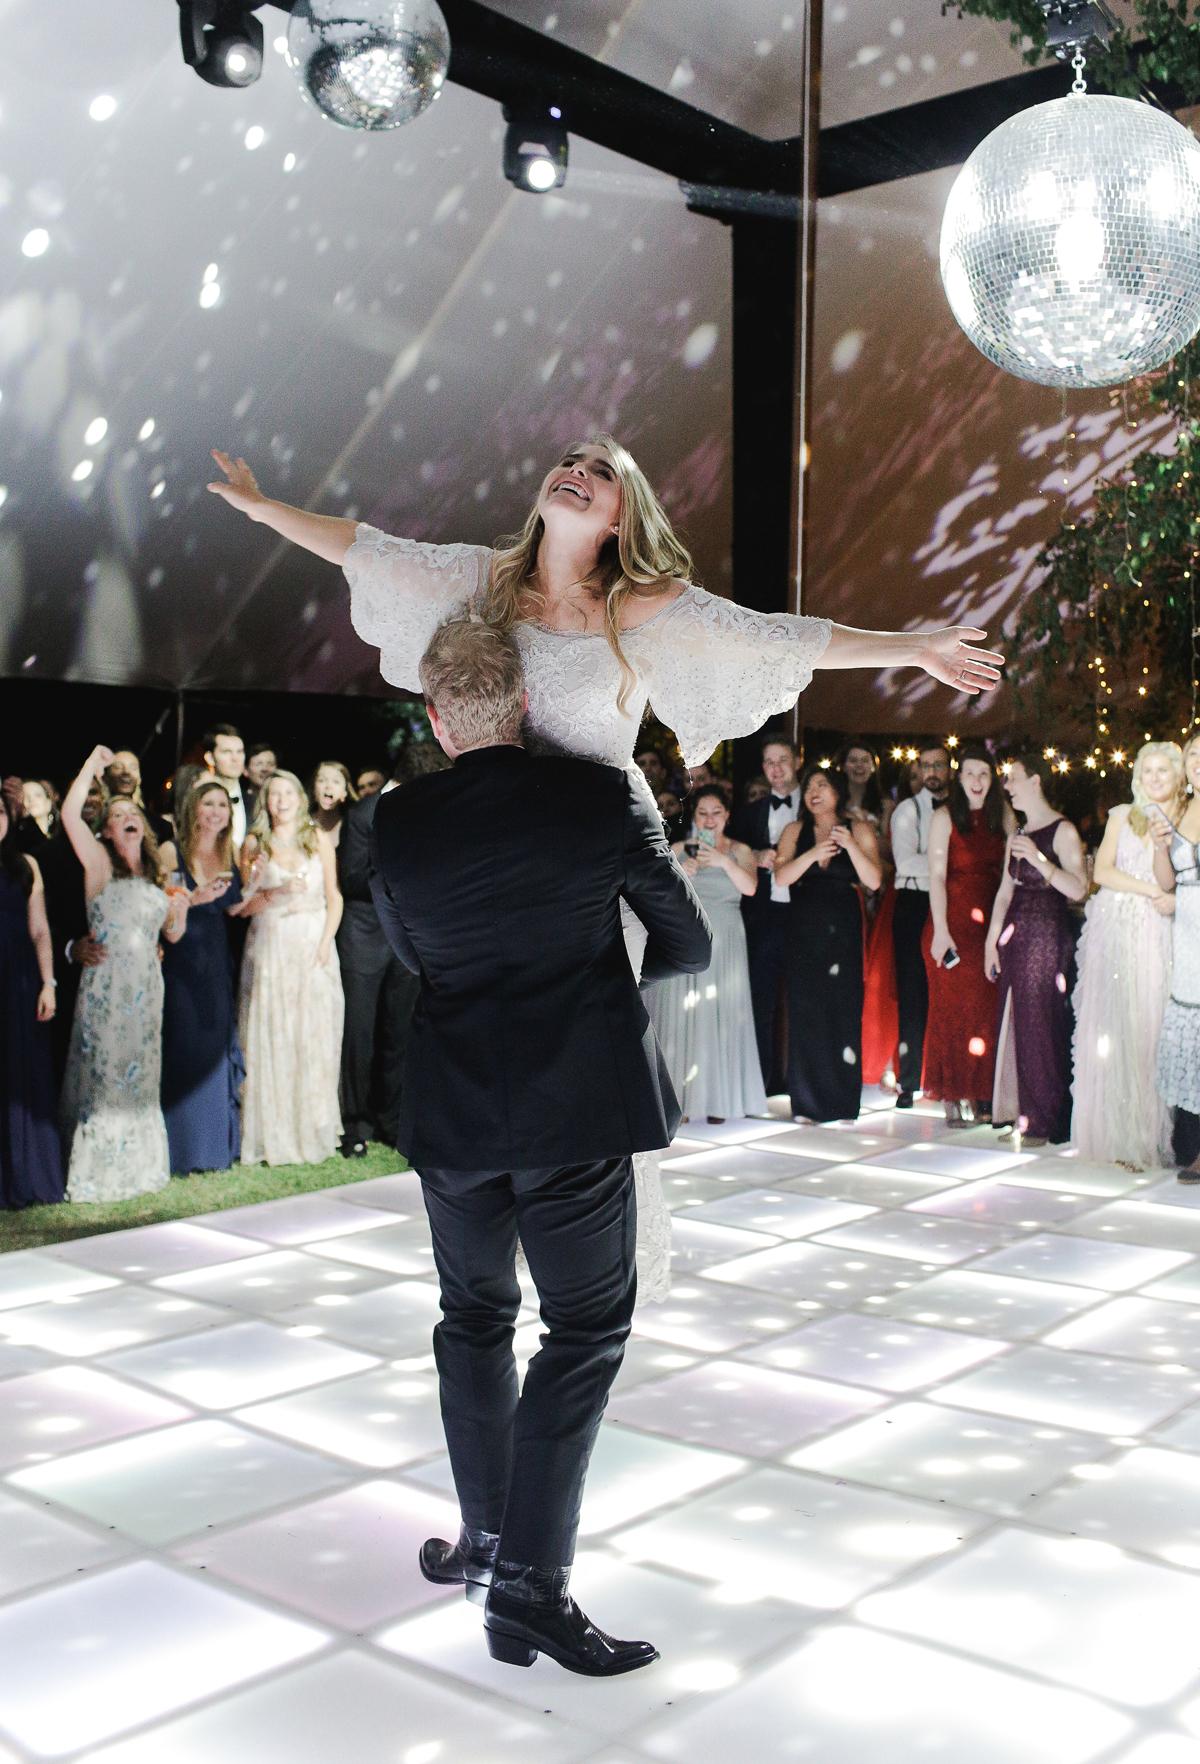 julia mitchell wedding first dance lift